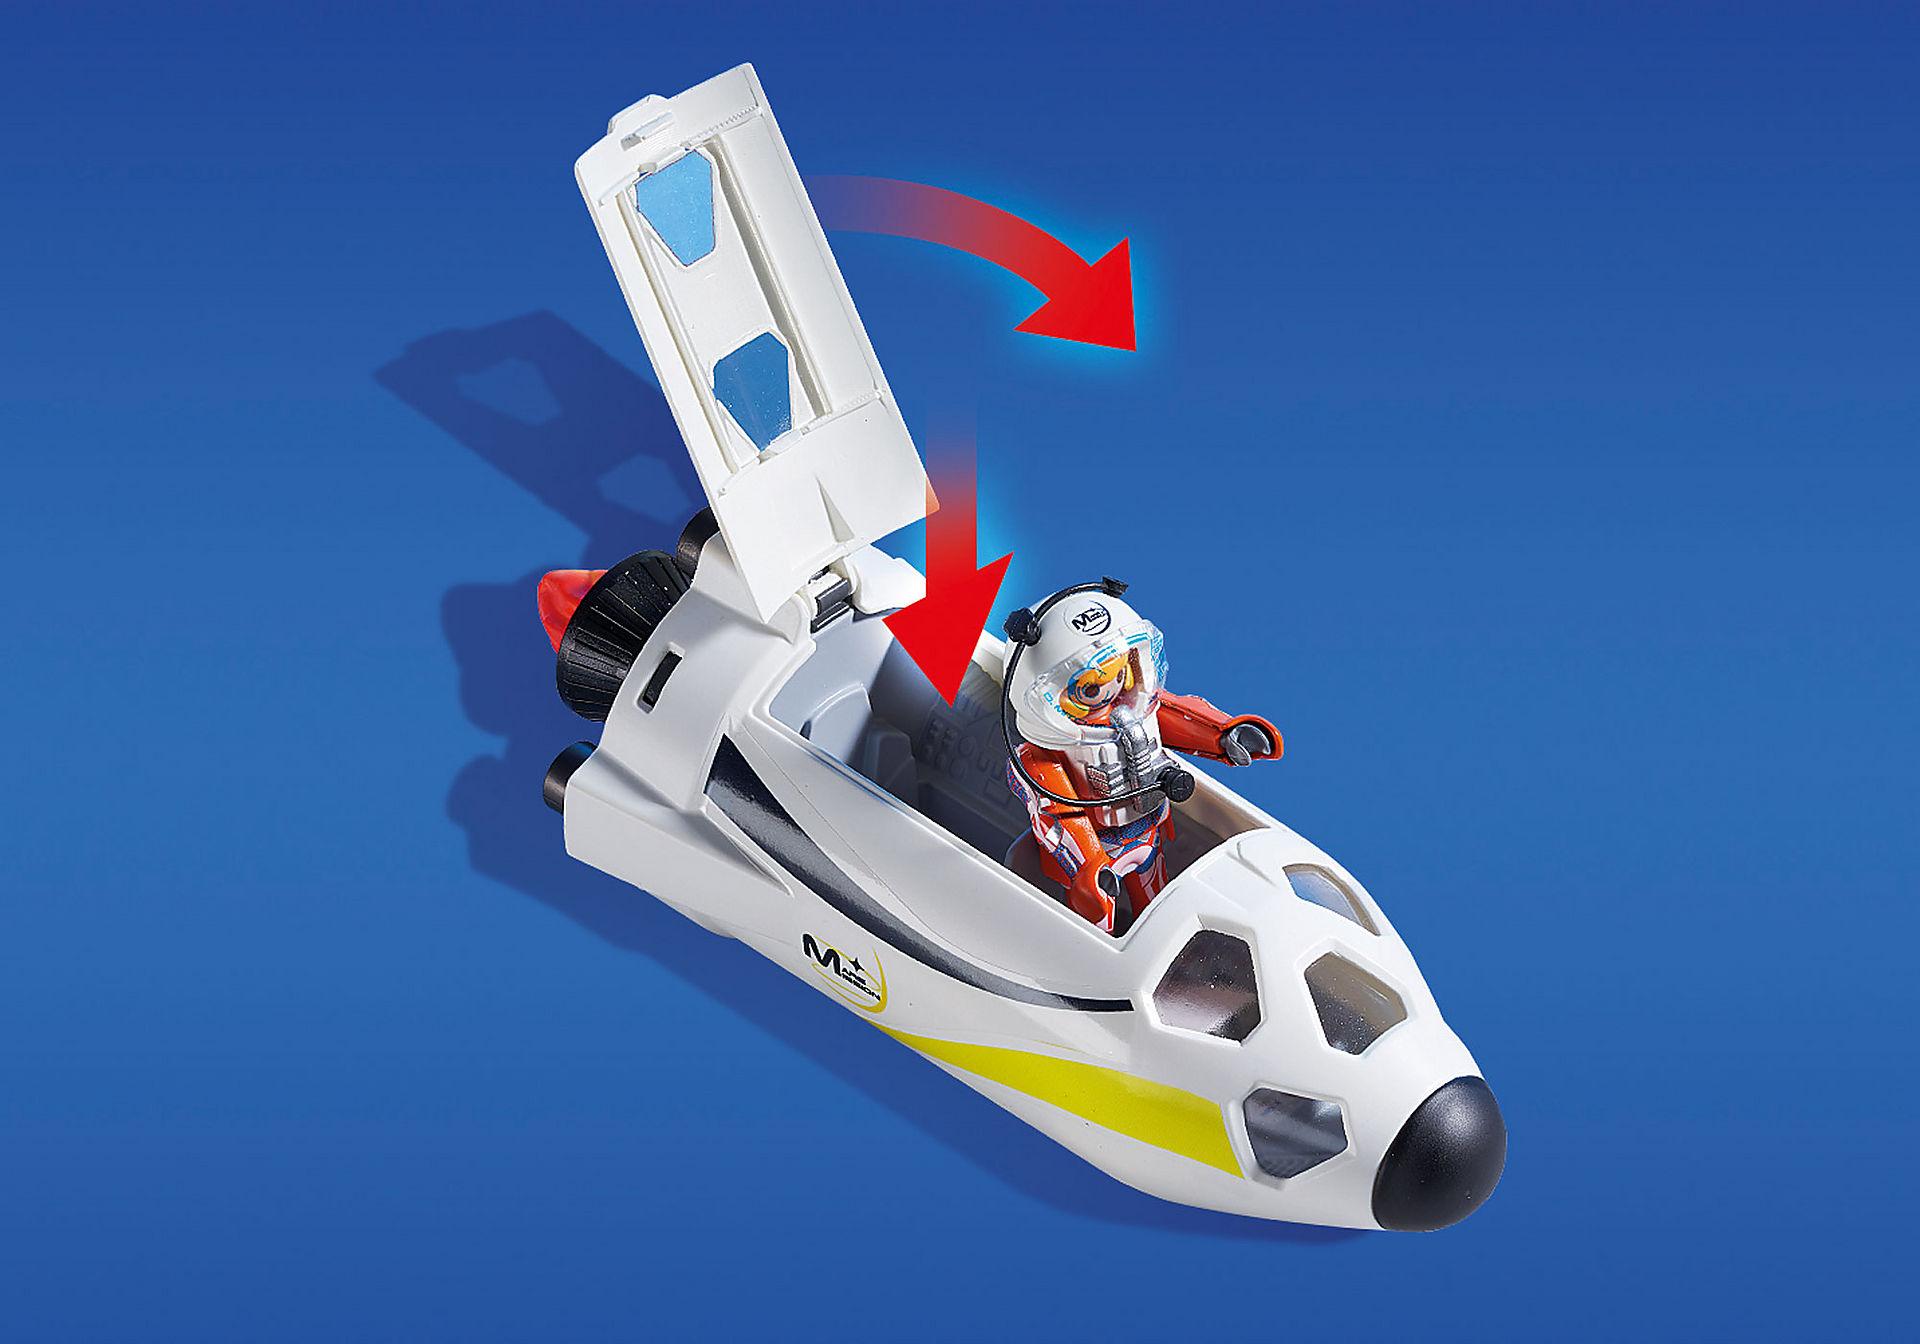 http://media.playmobil.com/i/playmobil/9488_product_extra6/Rocket Racer com Plataforma de Lançamento